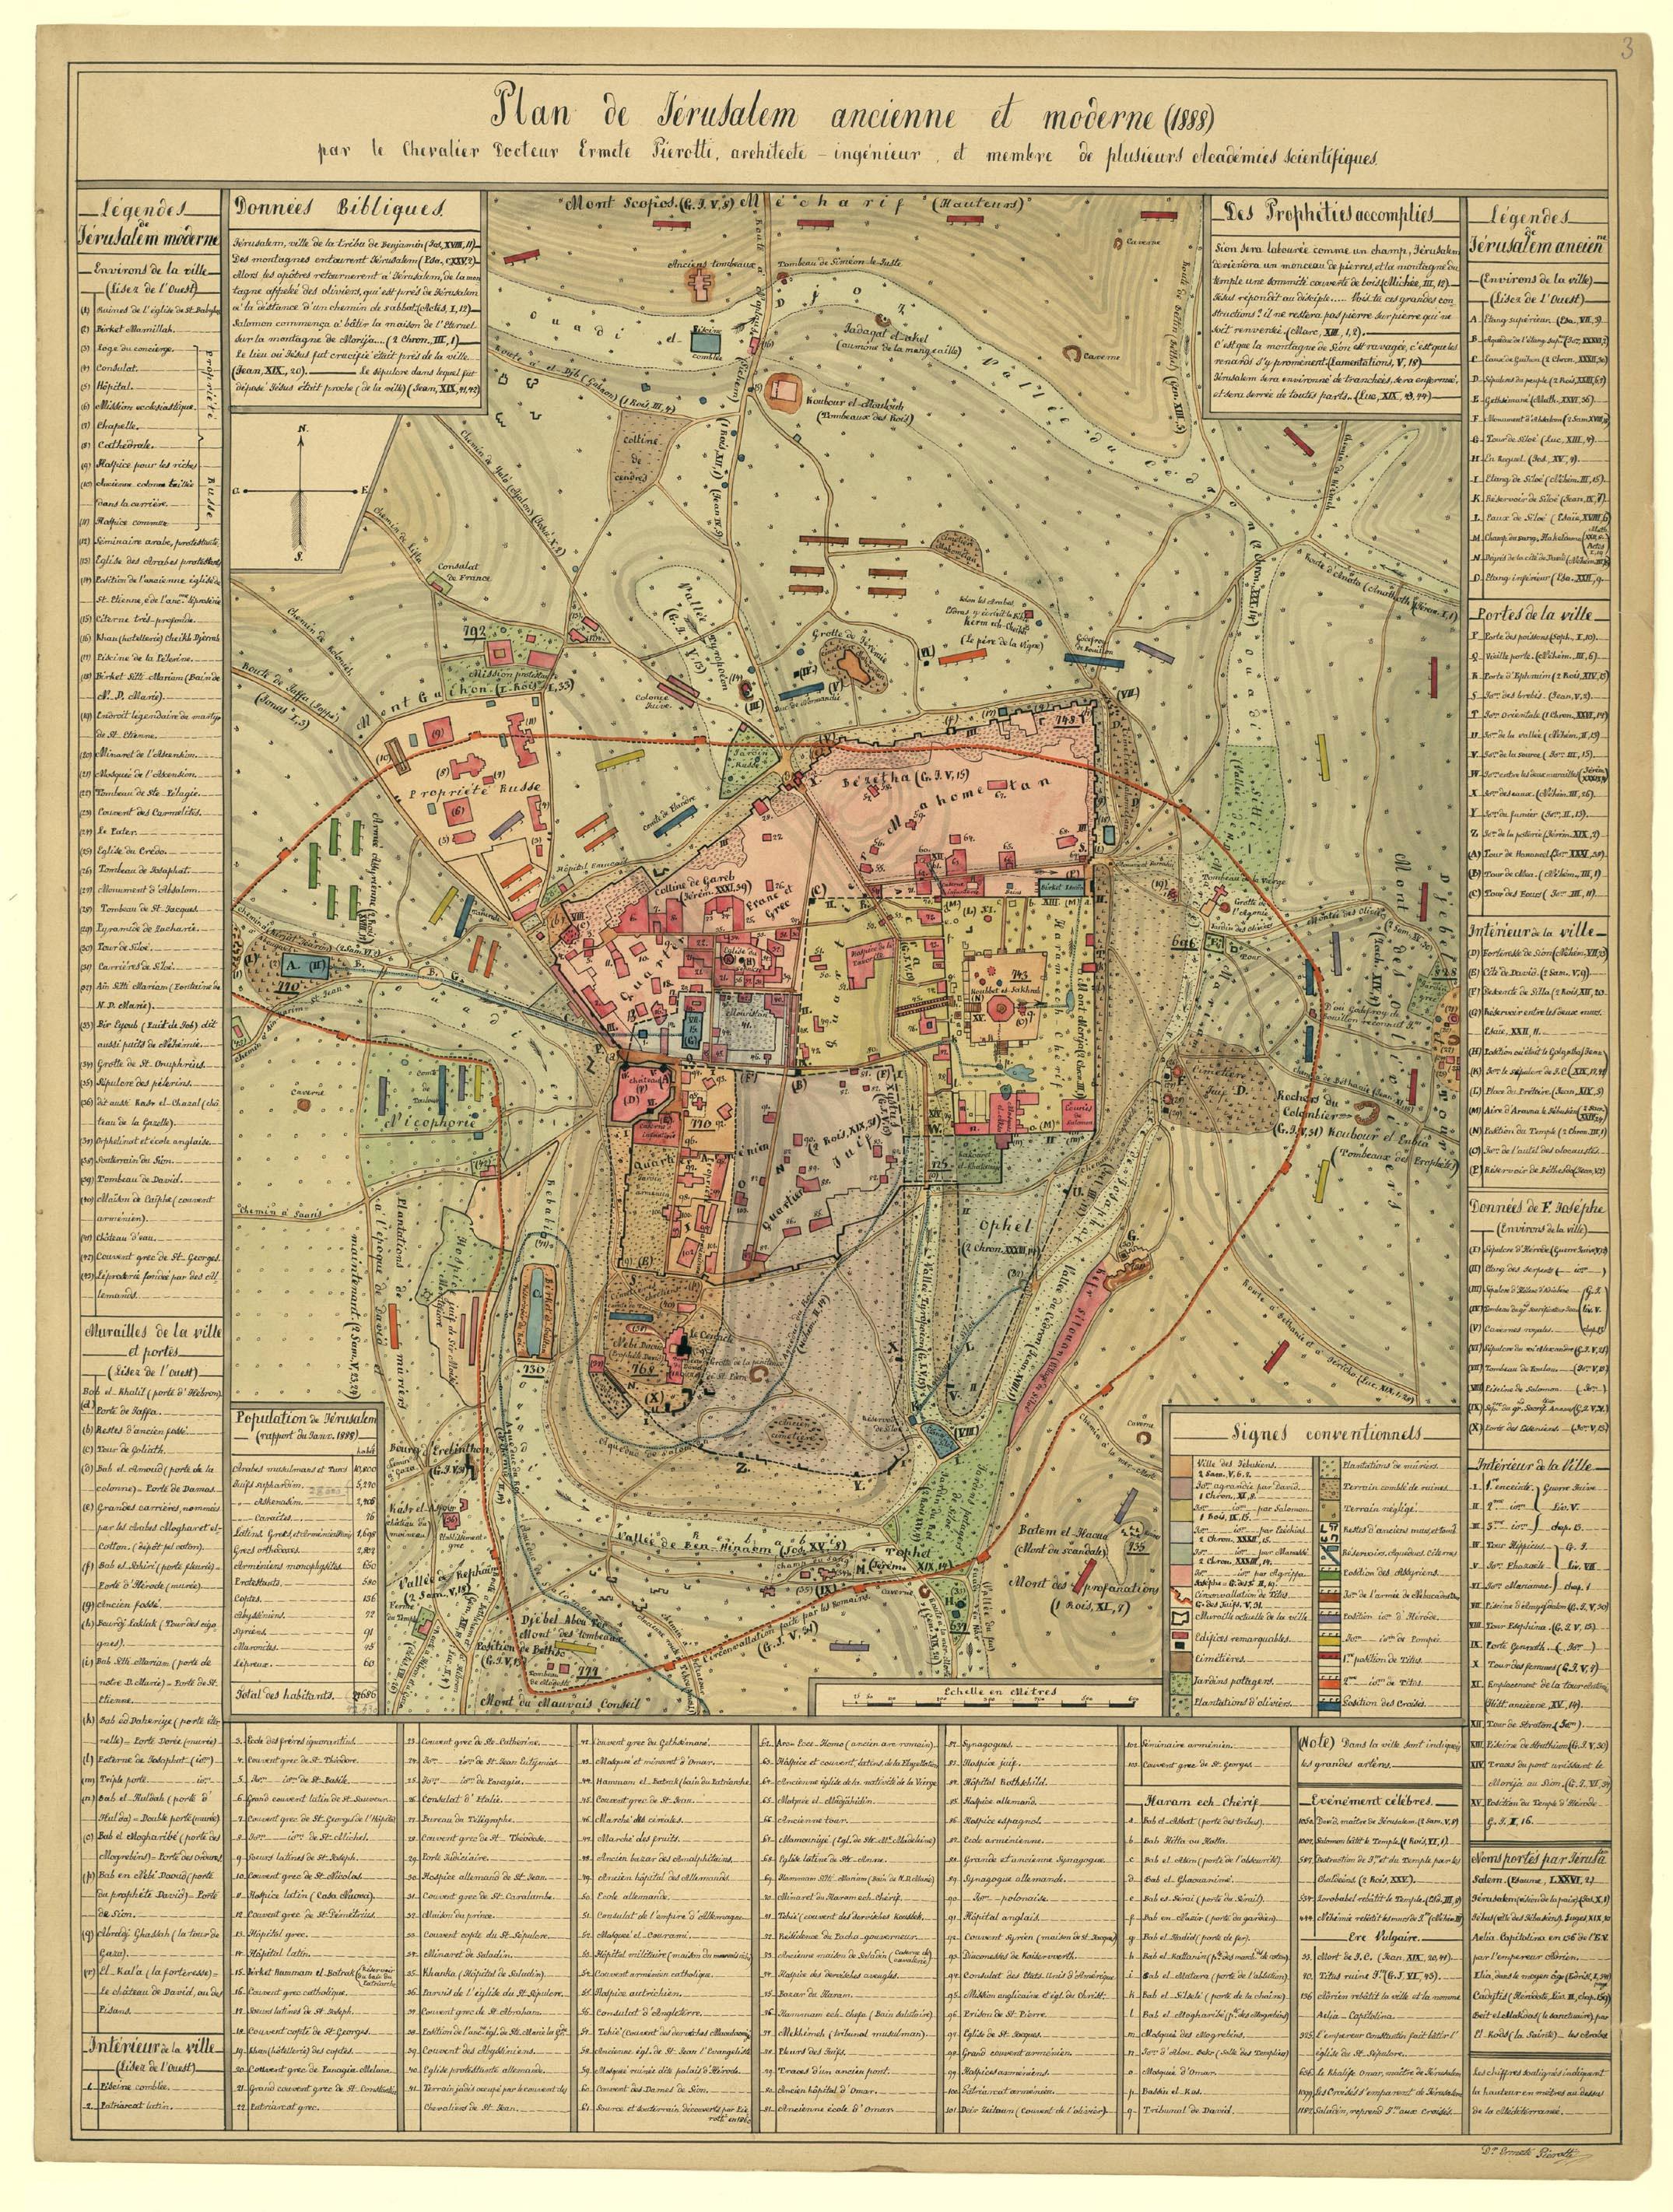 Plan_de_Jerusalem_ancienne_et_moderne_(1888)_-_par_le_Chevalier_Docteur_Ermete_Pierotti,_architecte-ingenieur